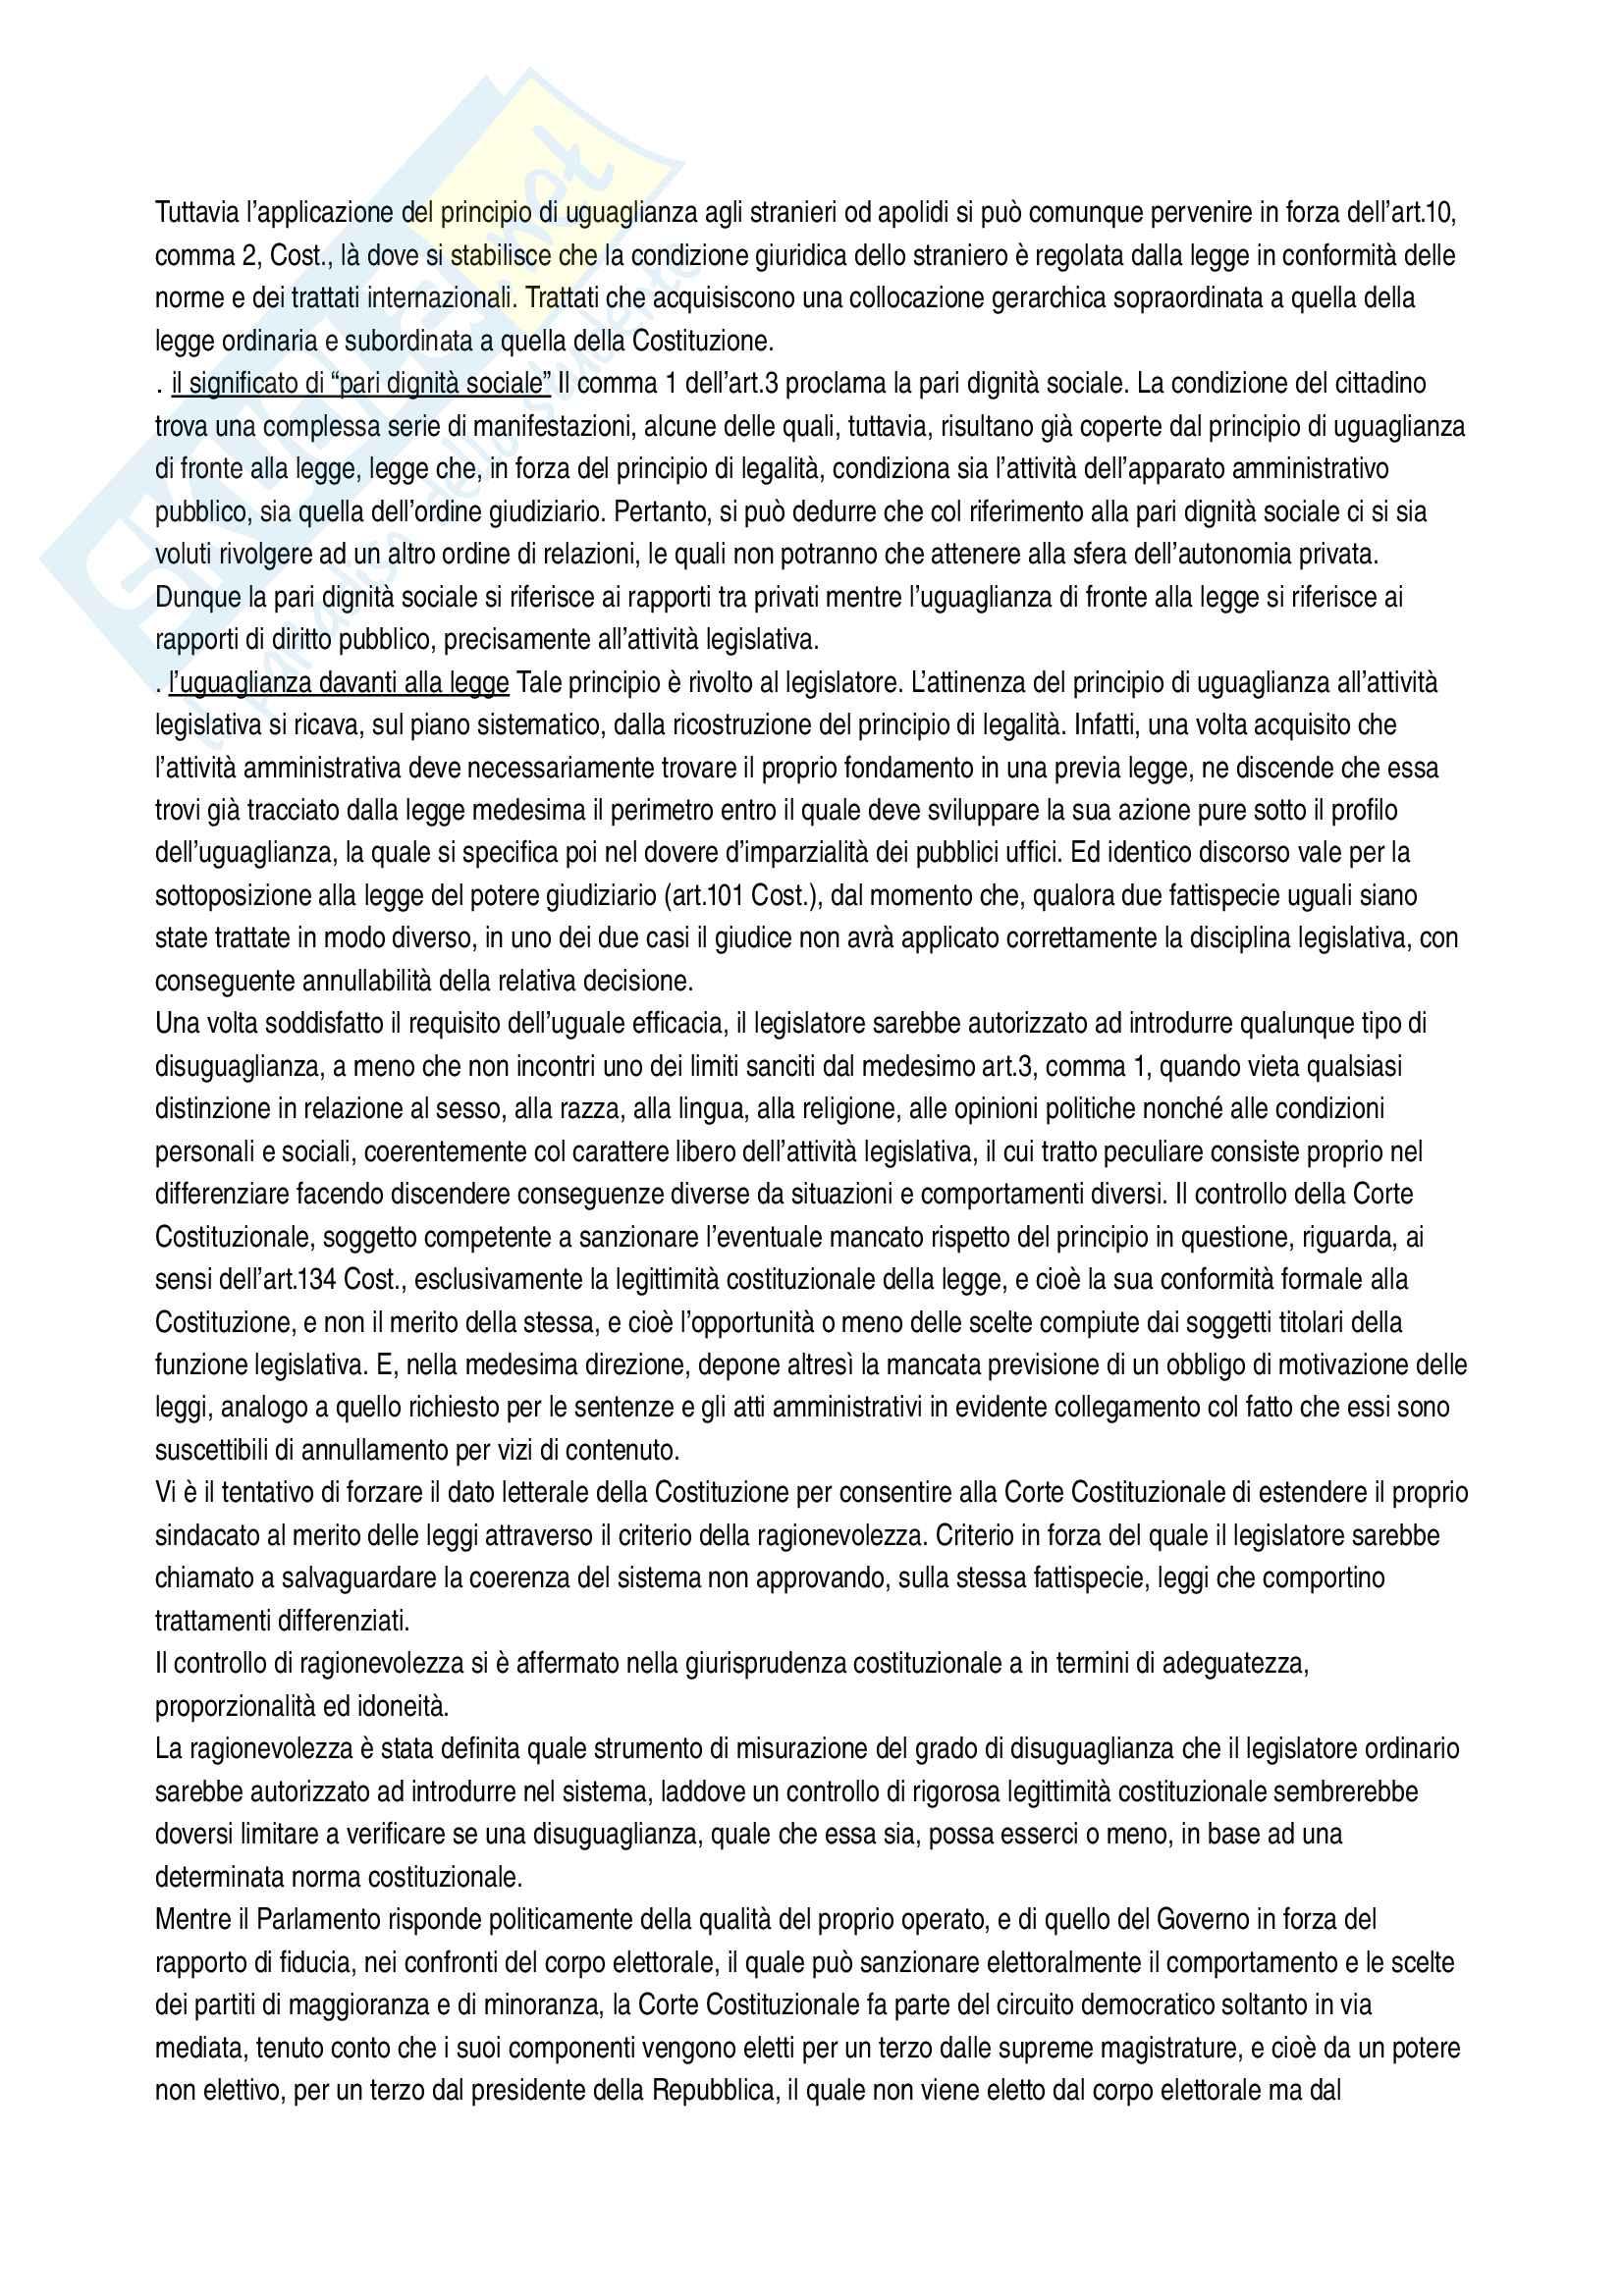 Riassunto esame diritto costituzionale, Vignudelli, libro consigliato Diritto costituzionale, Giappichelli editore Pag. 71